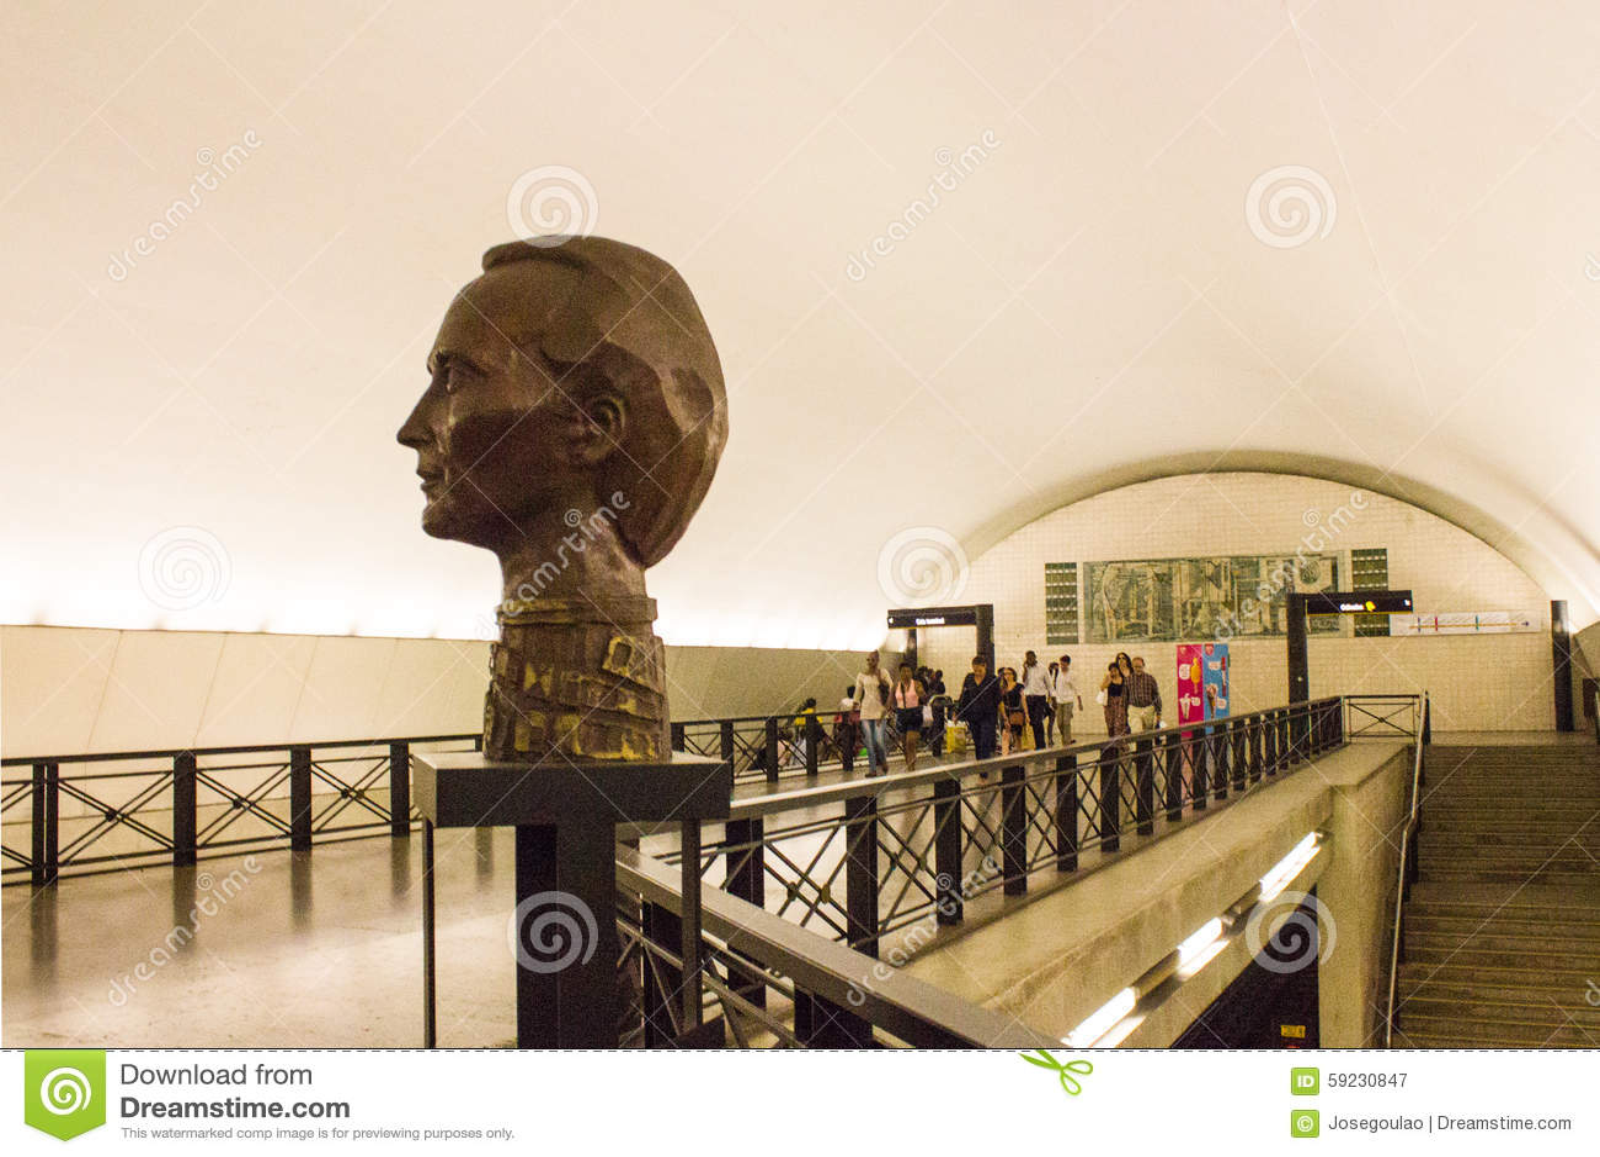 Download Busto Del Artista Plástico Famoso Vieira Da Silva En La Estación De Metro Del Rato En Lisboa, Portugal Fotografía editorial - Imagen de museo, famoso: 59230847